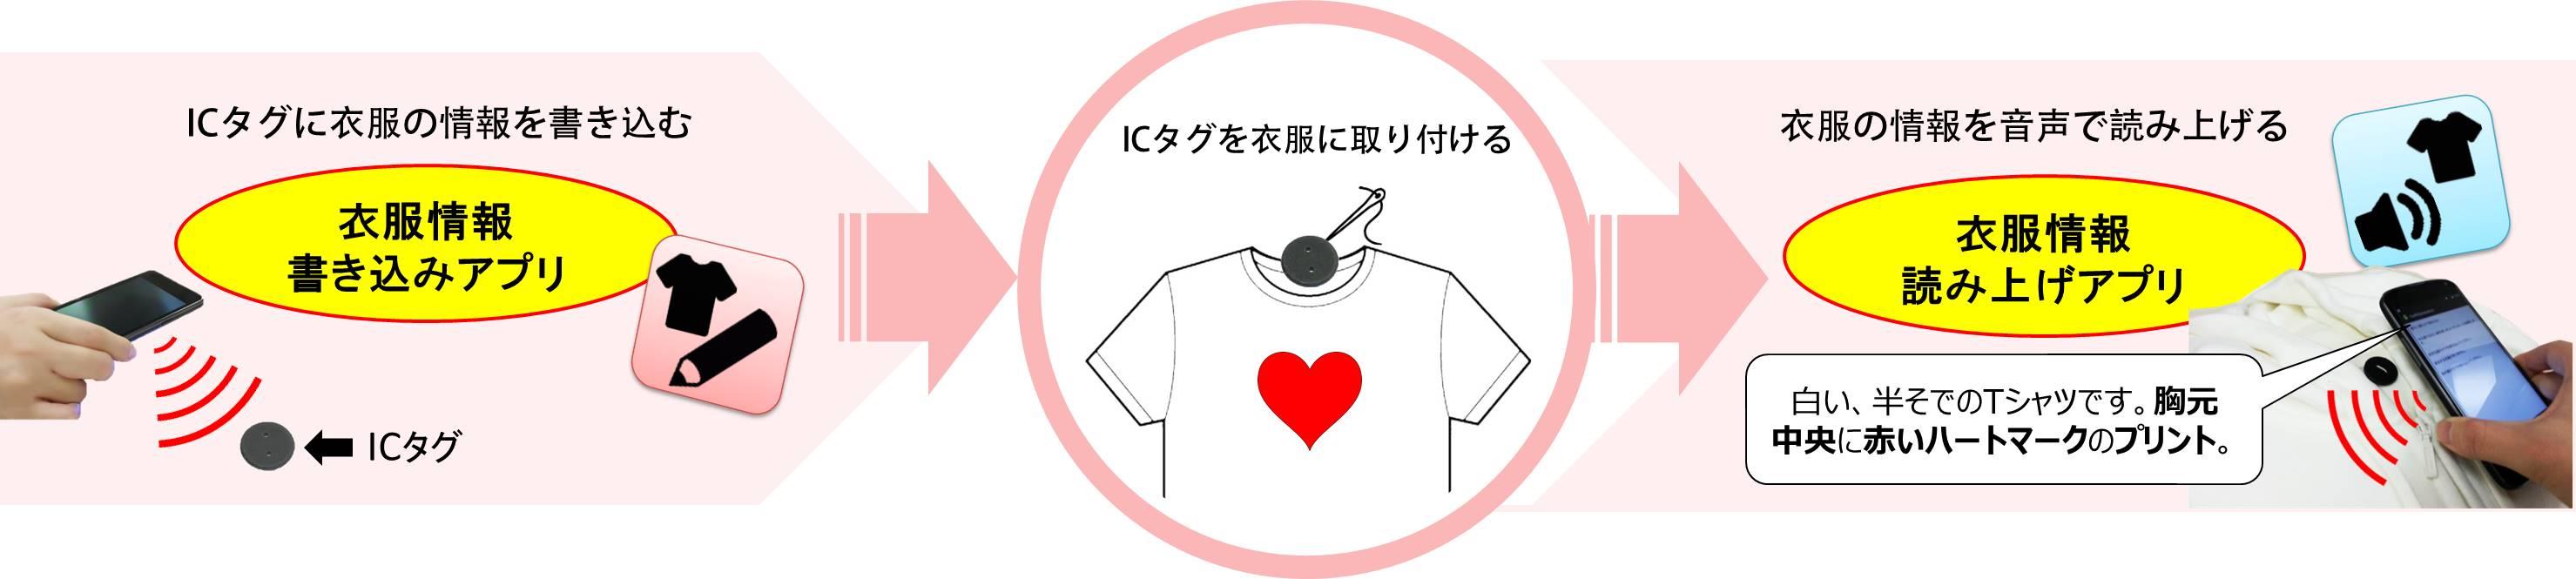 FCSプロジェクトを説明するイラスト。左から、ICタグに情報を書き込んでいるイラスト。次に、ICタグを衣服に取り付けているイラスト。最後、一番右に、衣服に取り付けたICタグにスマホをかざし、衣服の情報を読み上げているイラスト。スマホから流れる音声:「白い半そでTシャツです。胸元中央に赤いハートマークのプリント」